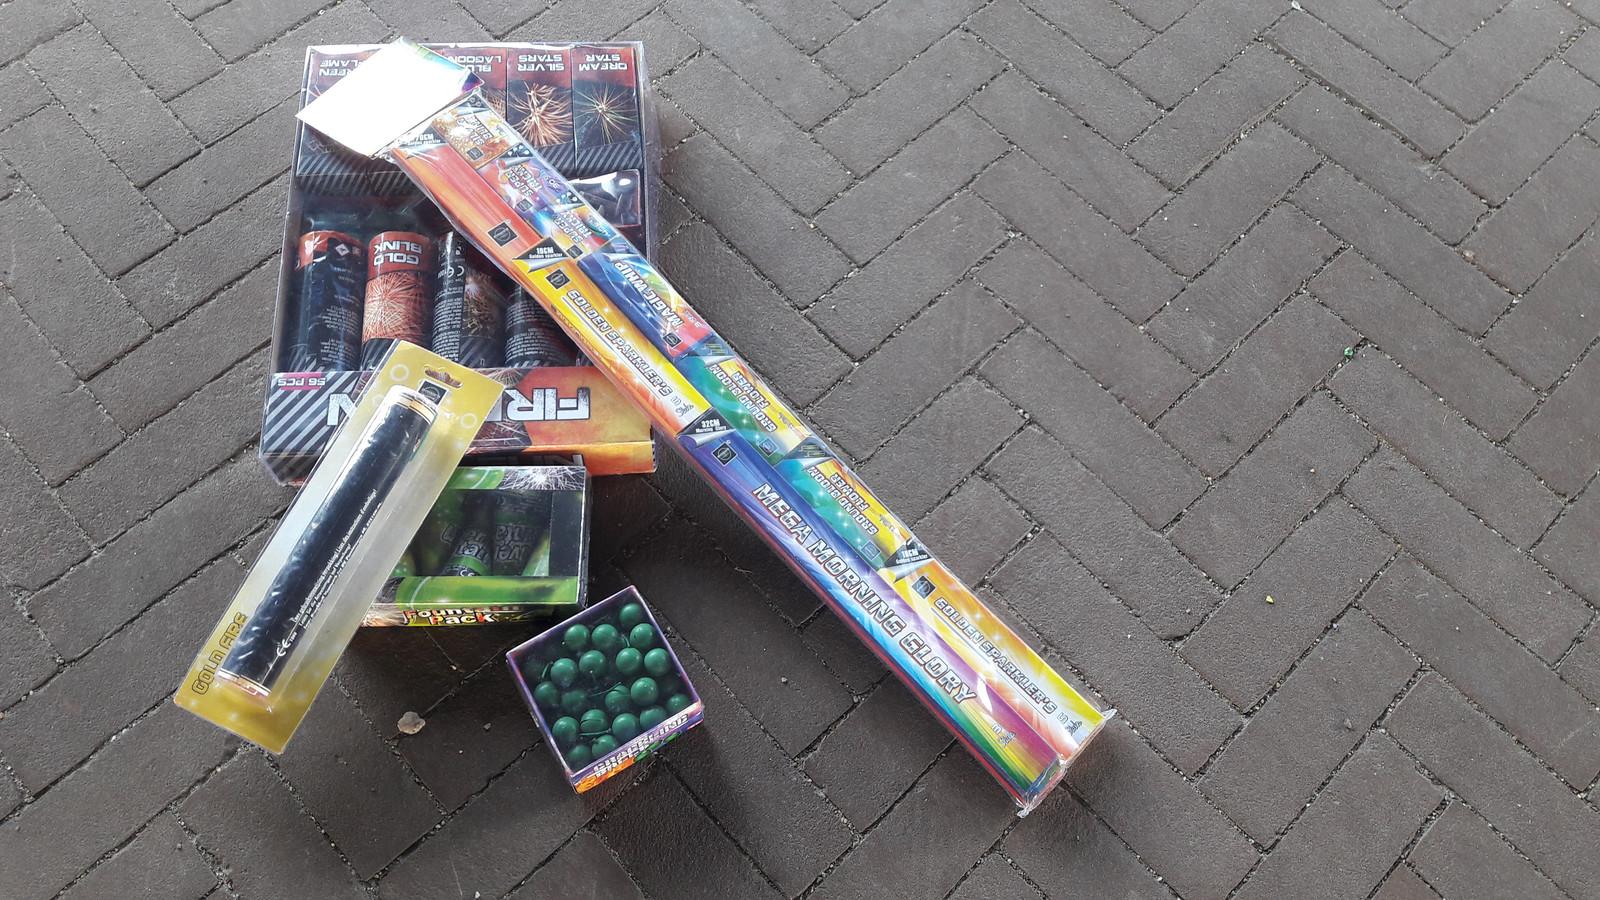 Categeorie F1-vuurwerk mag het hele jaar door verkocht en afgestoken worden.